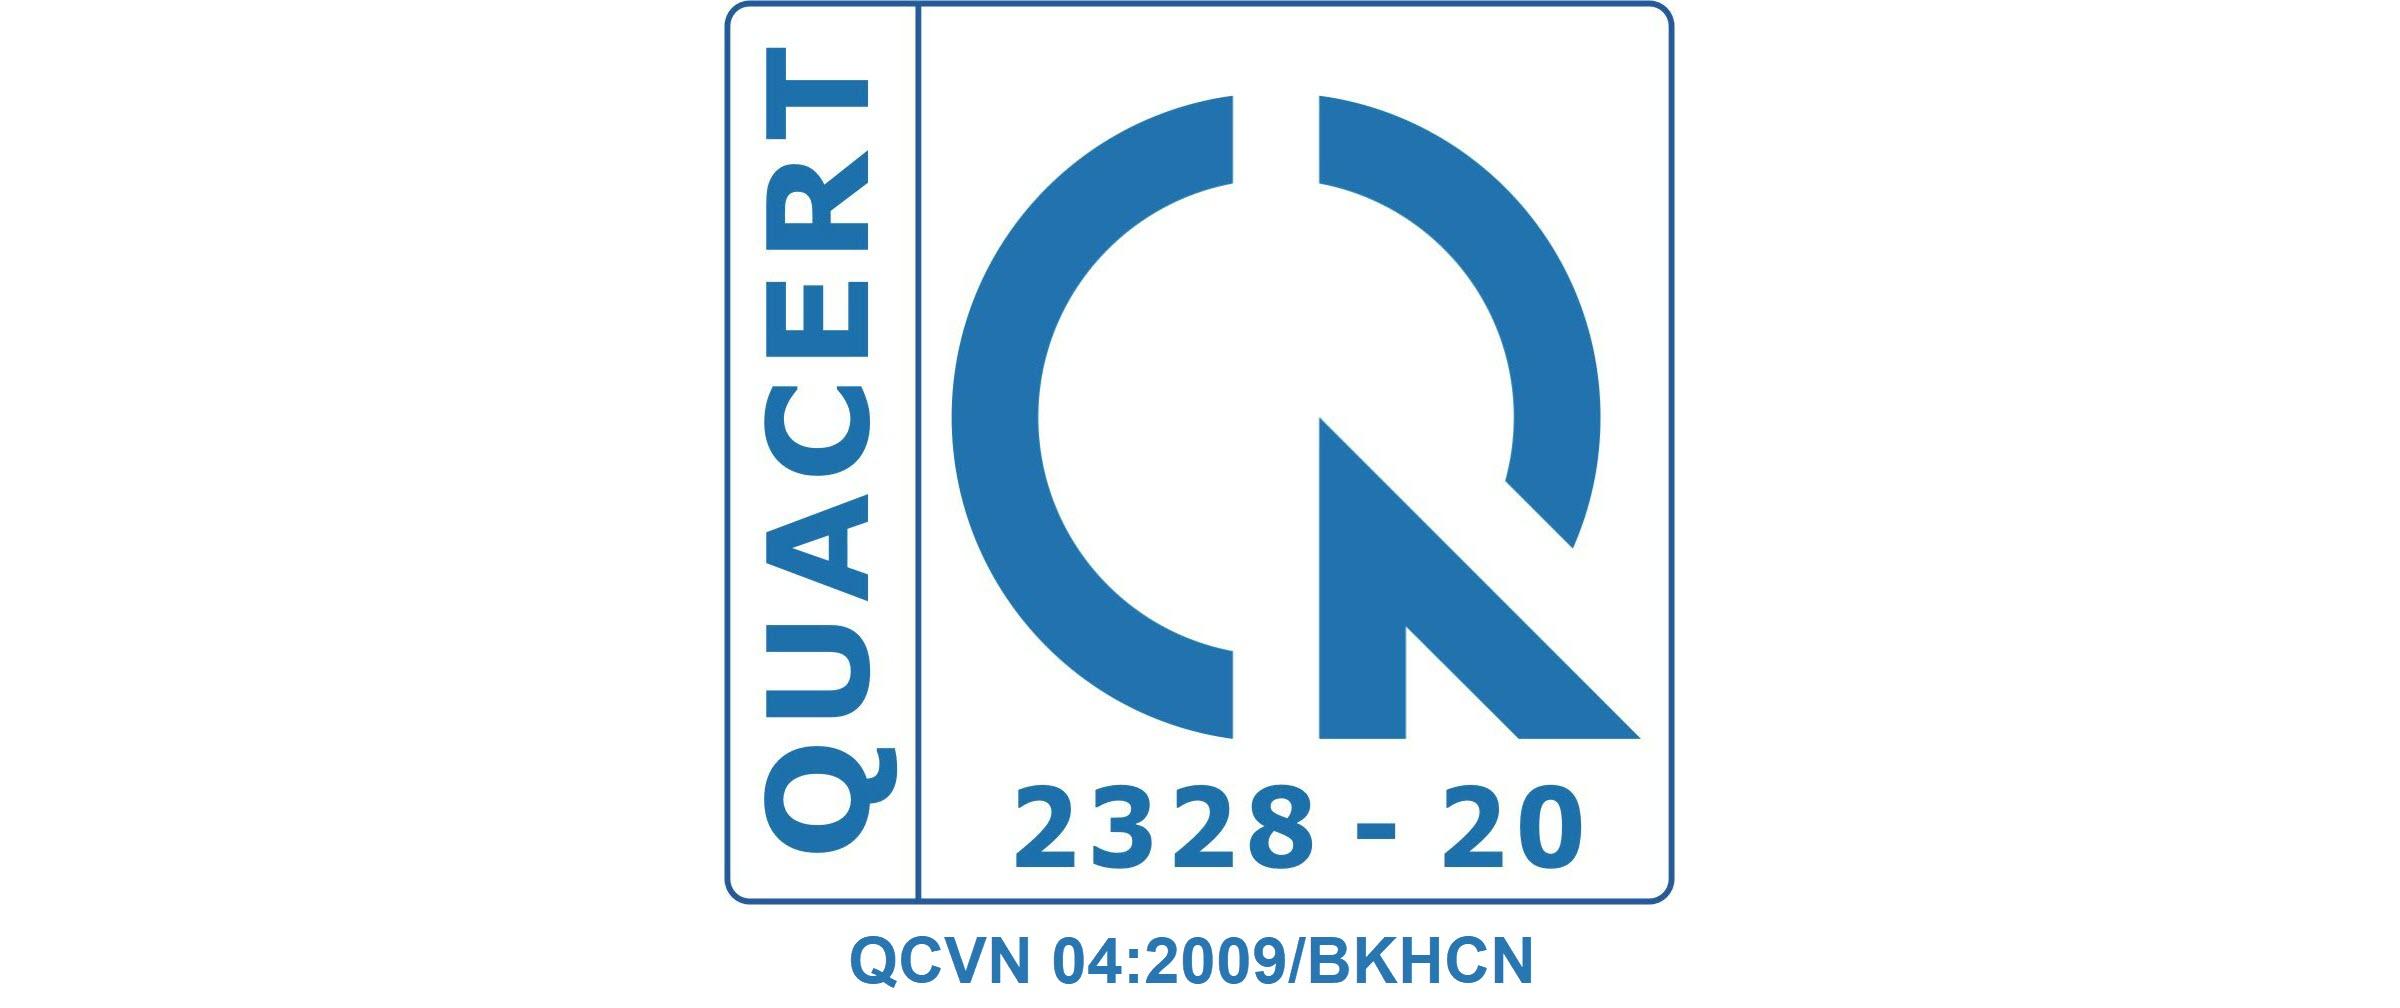 Biểu tượng QCVN